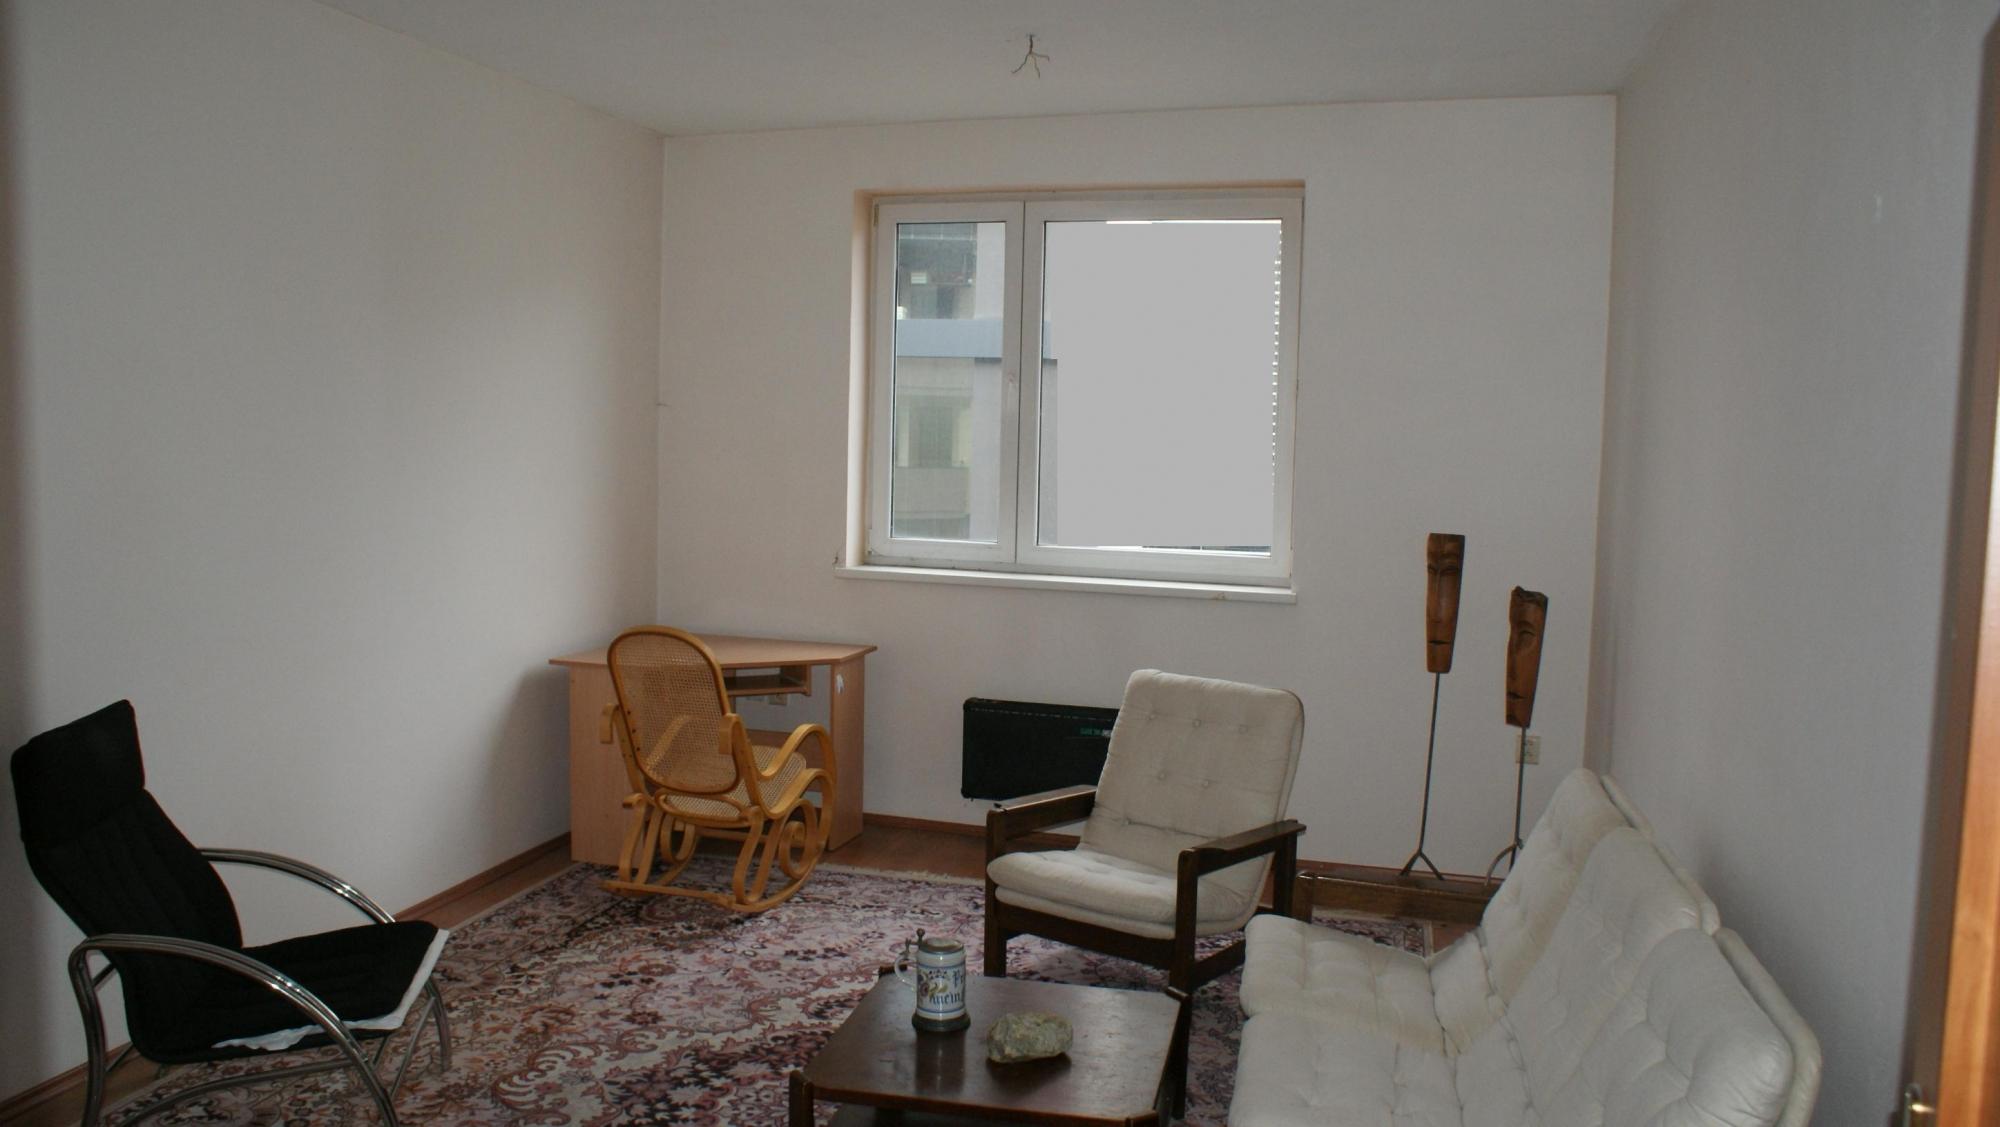 3-izbový byt v polyfunkčnej budove v centre pri pešej zóne, ul.Mostová